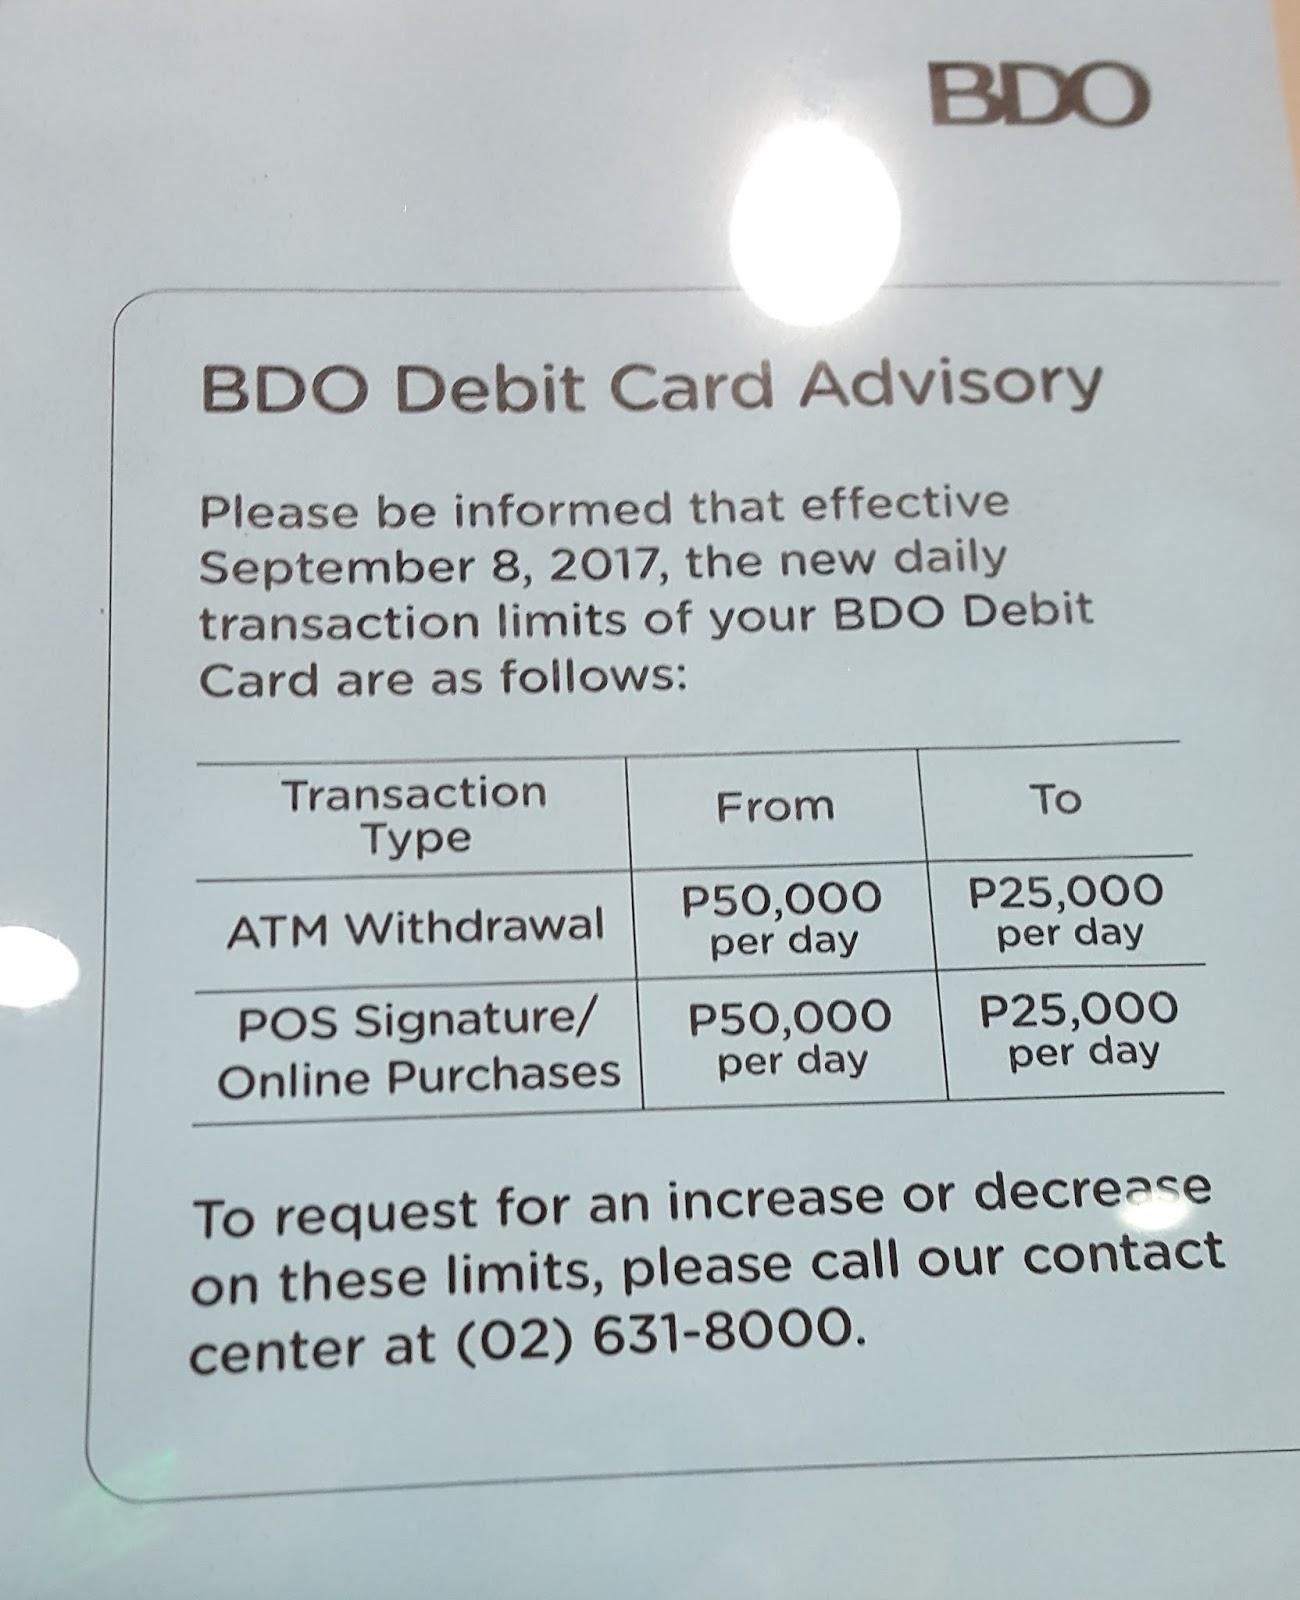 bdo credit card application status pending